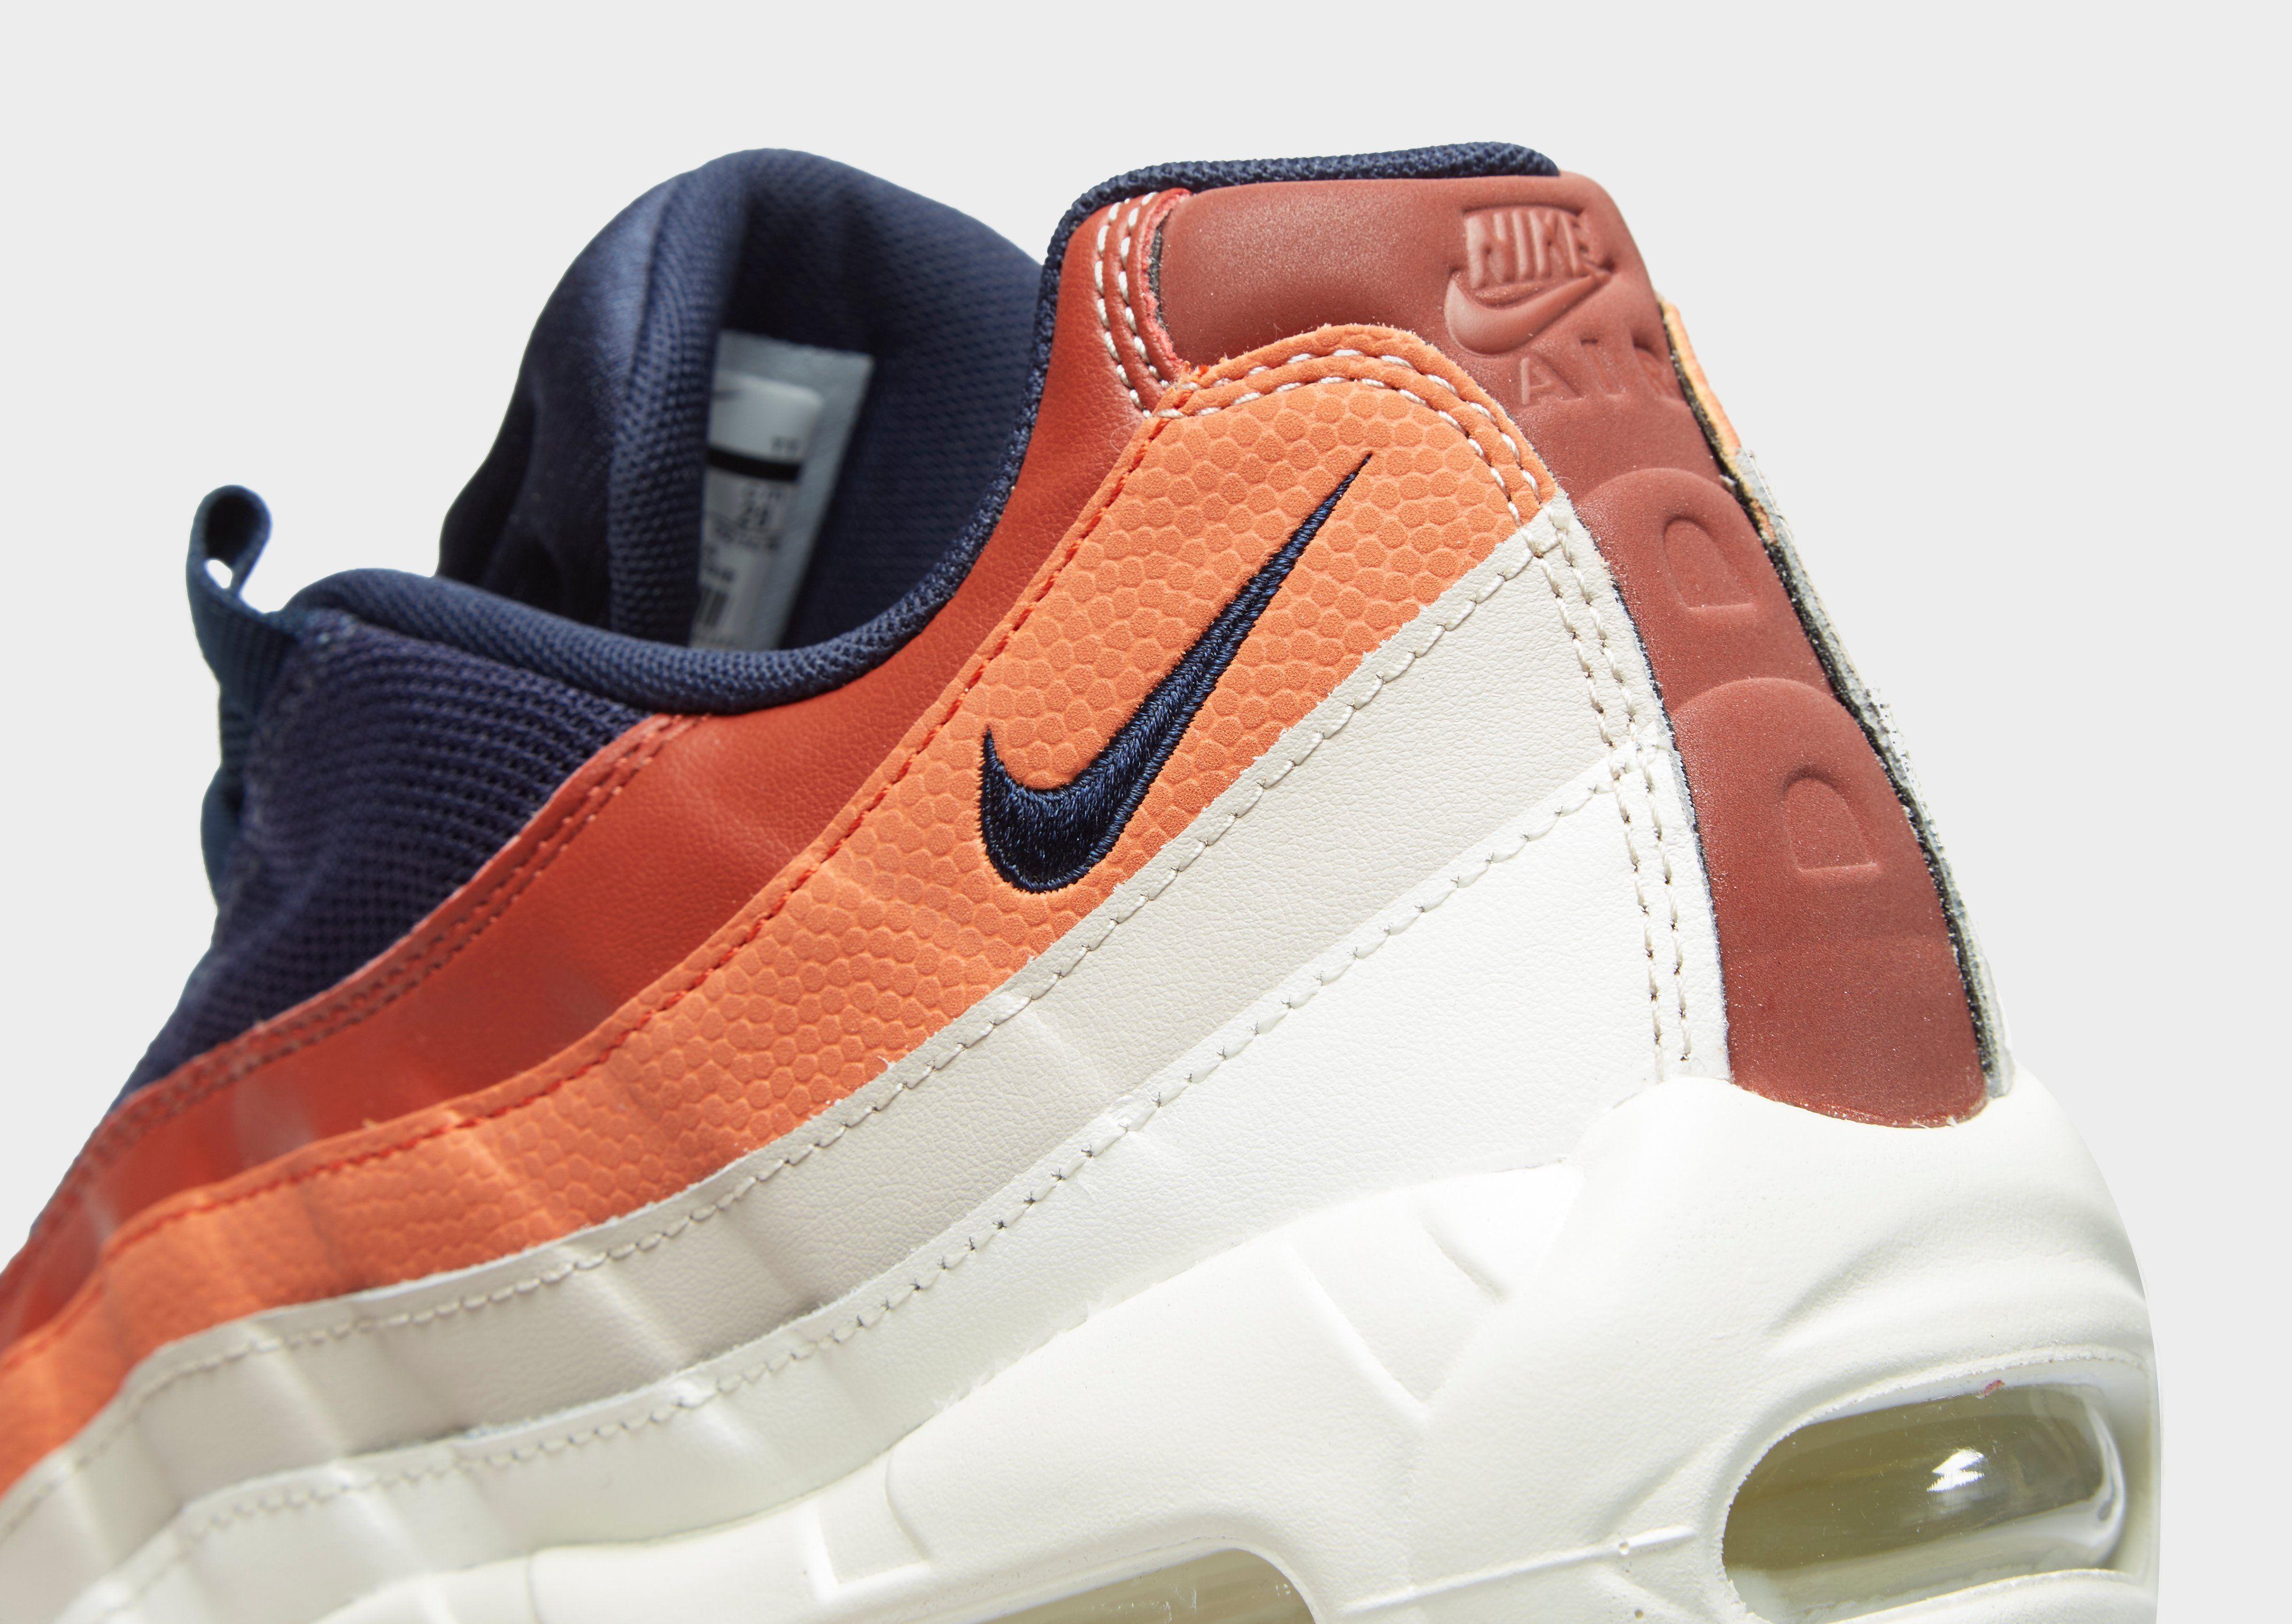 Rabatt 100% Garantiert Nike Air Max 95 Blau Spielraum Geniue Händler Bequem Online Verkauf Limitierter Auflage Verkauf Suchen nrUvMLvxeA